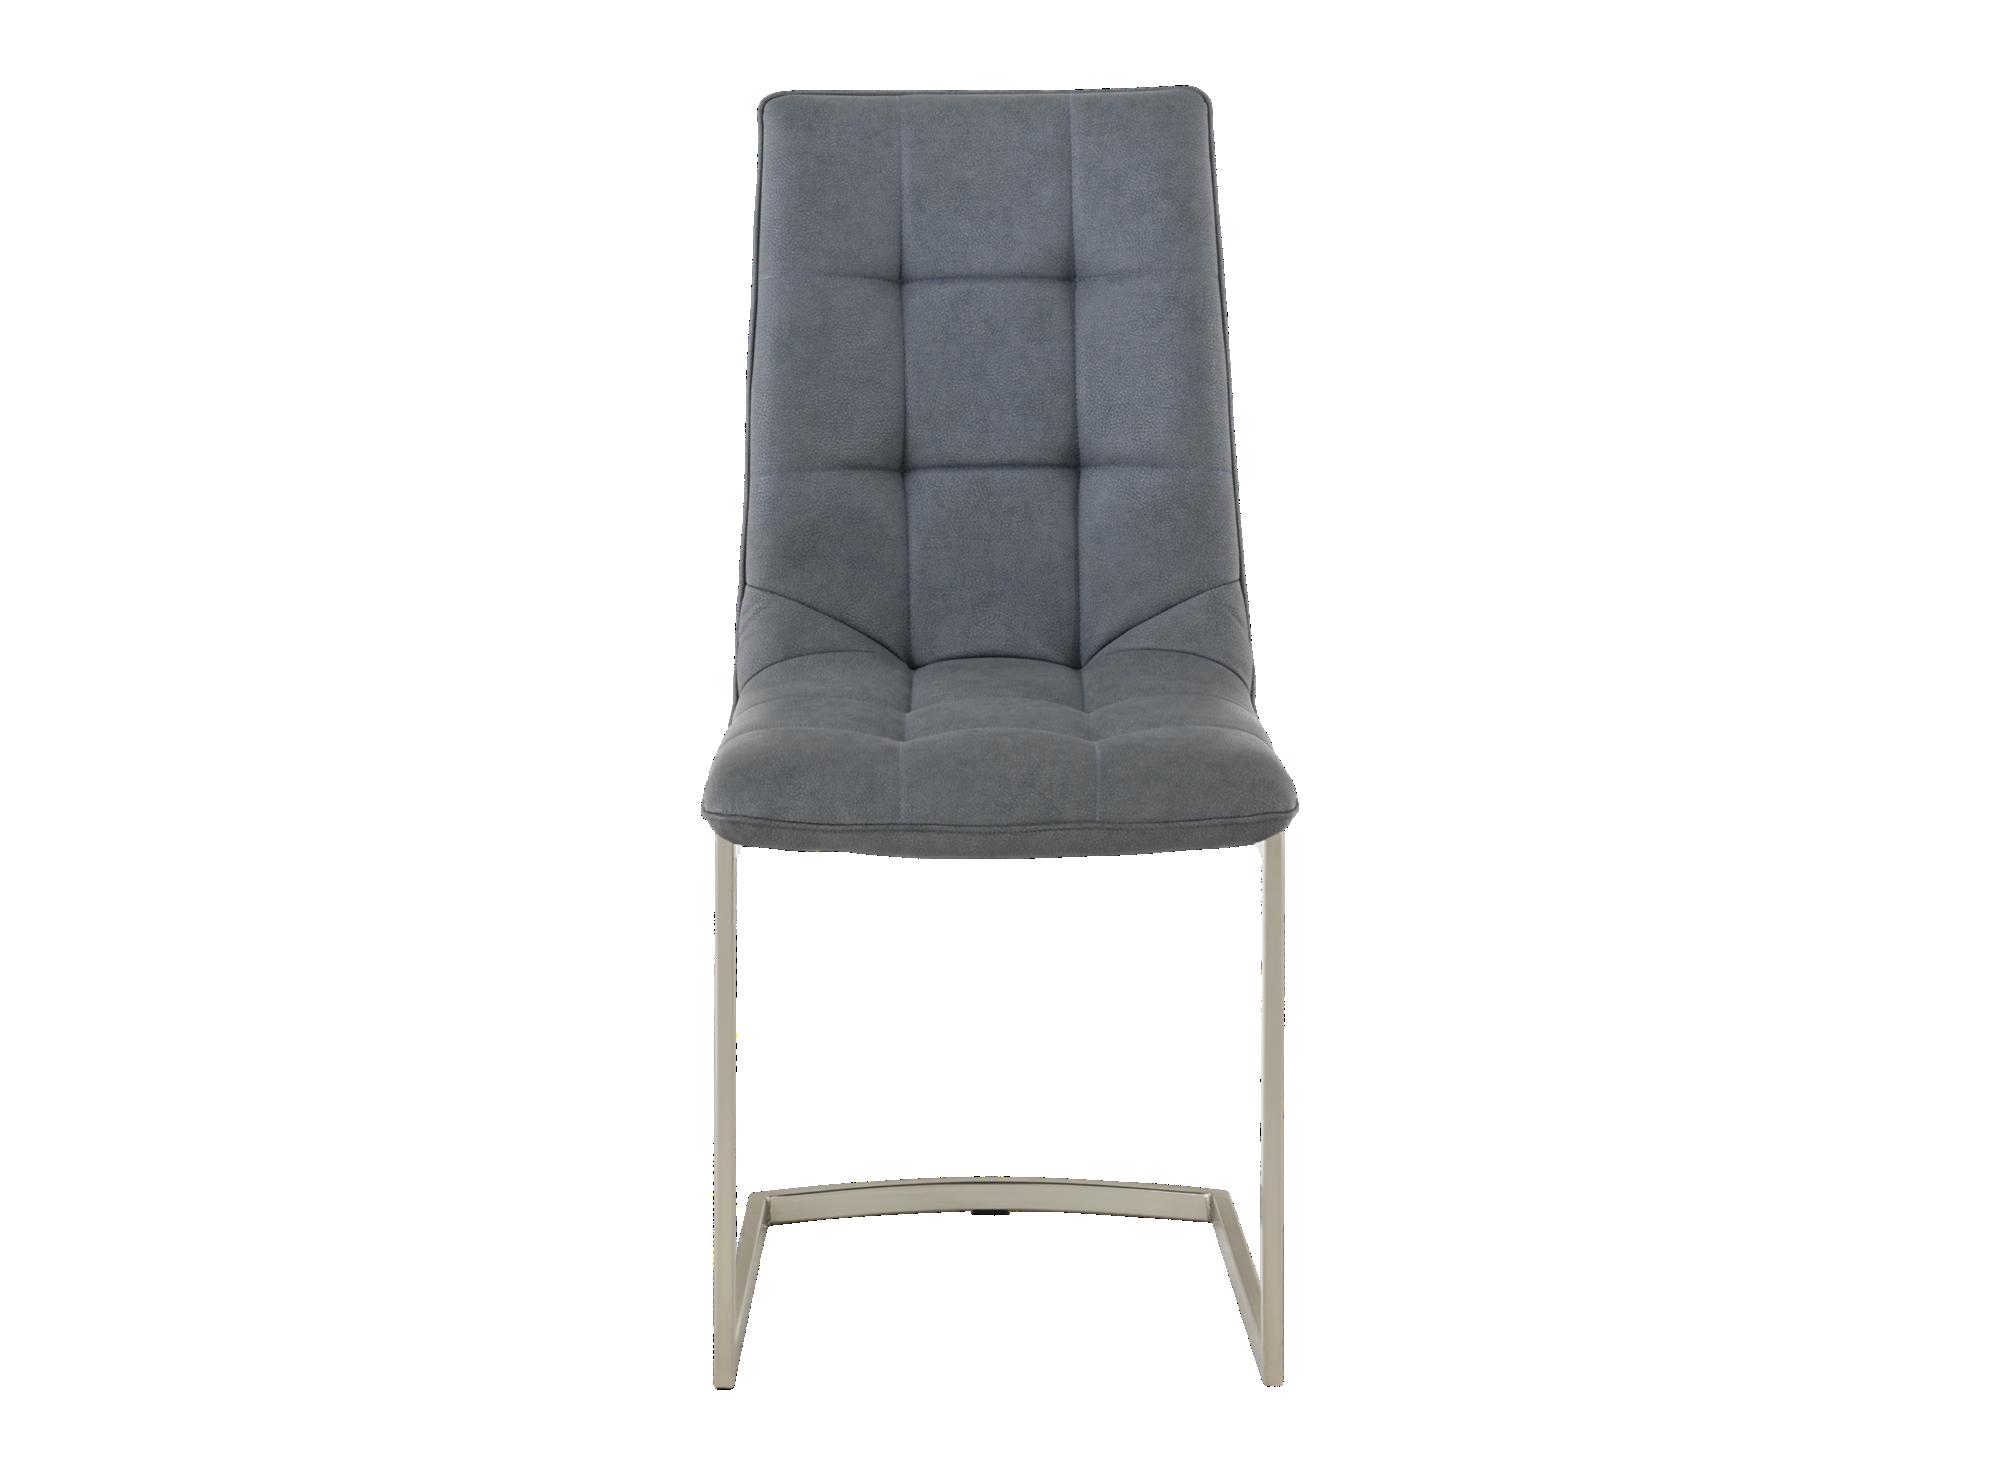 Chaise Design Chaises De Bar Et Cuisine Pas Cher Fly - Chaise avec accoudoir pour salle a manger